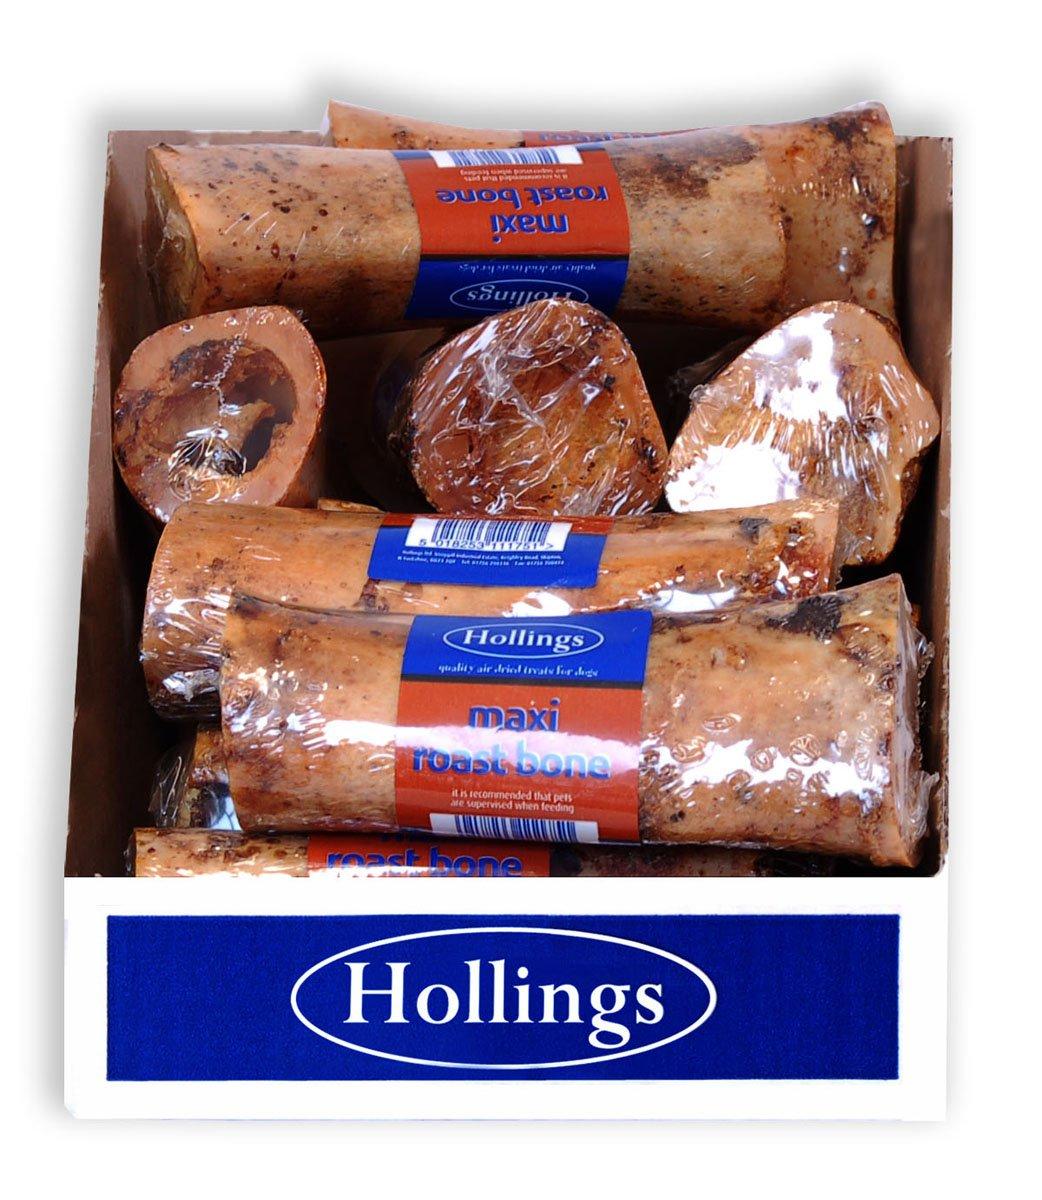 Hollings Ltd Maxi Roast Display Single